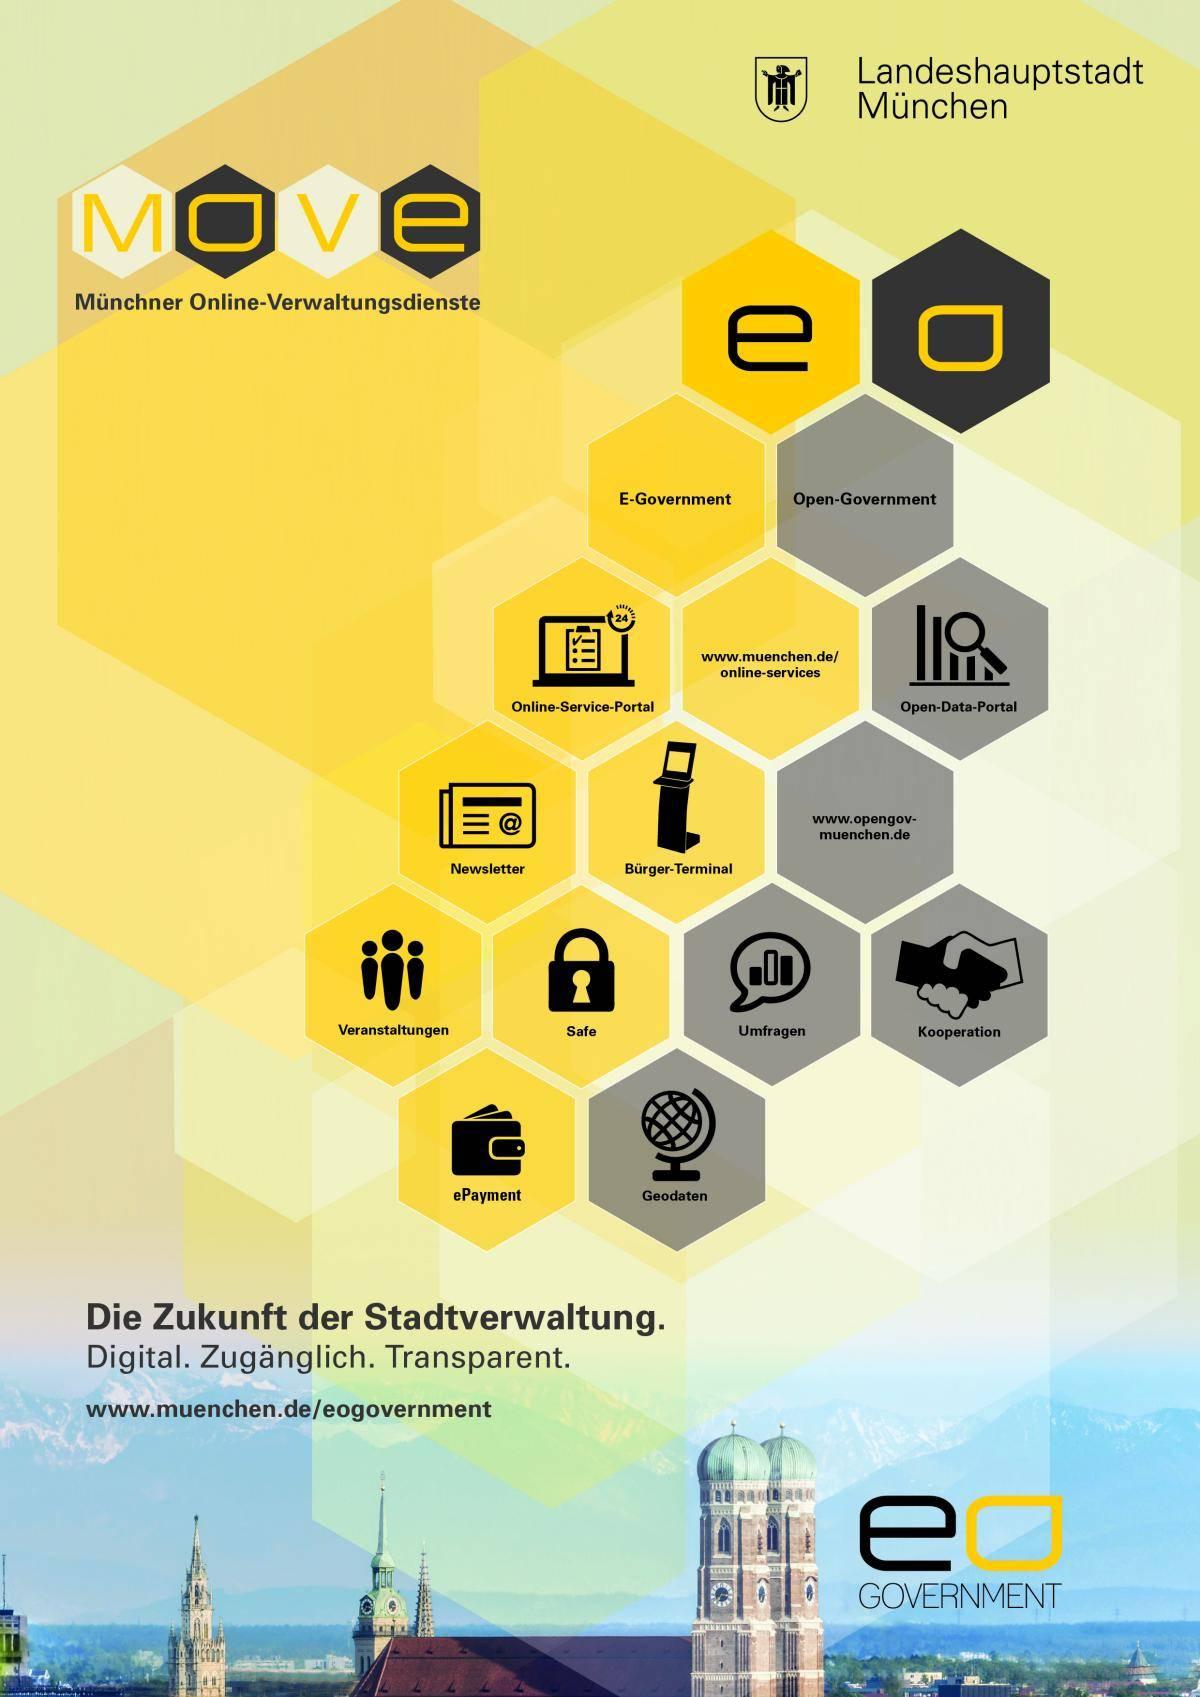 Basiskomponenten des E- und Open-Governments München